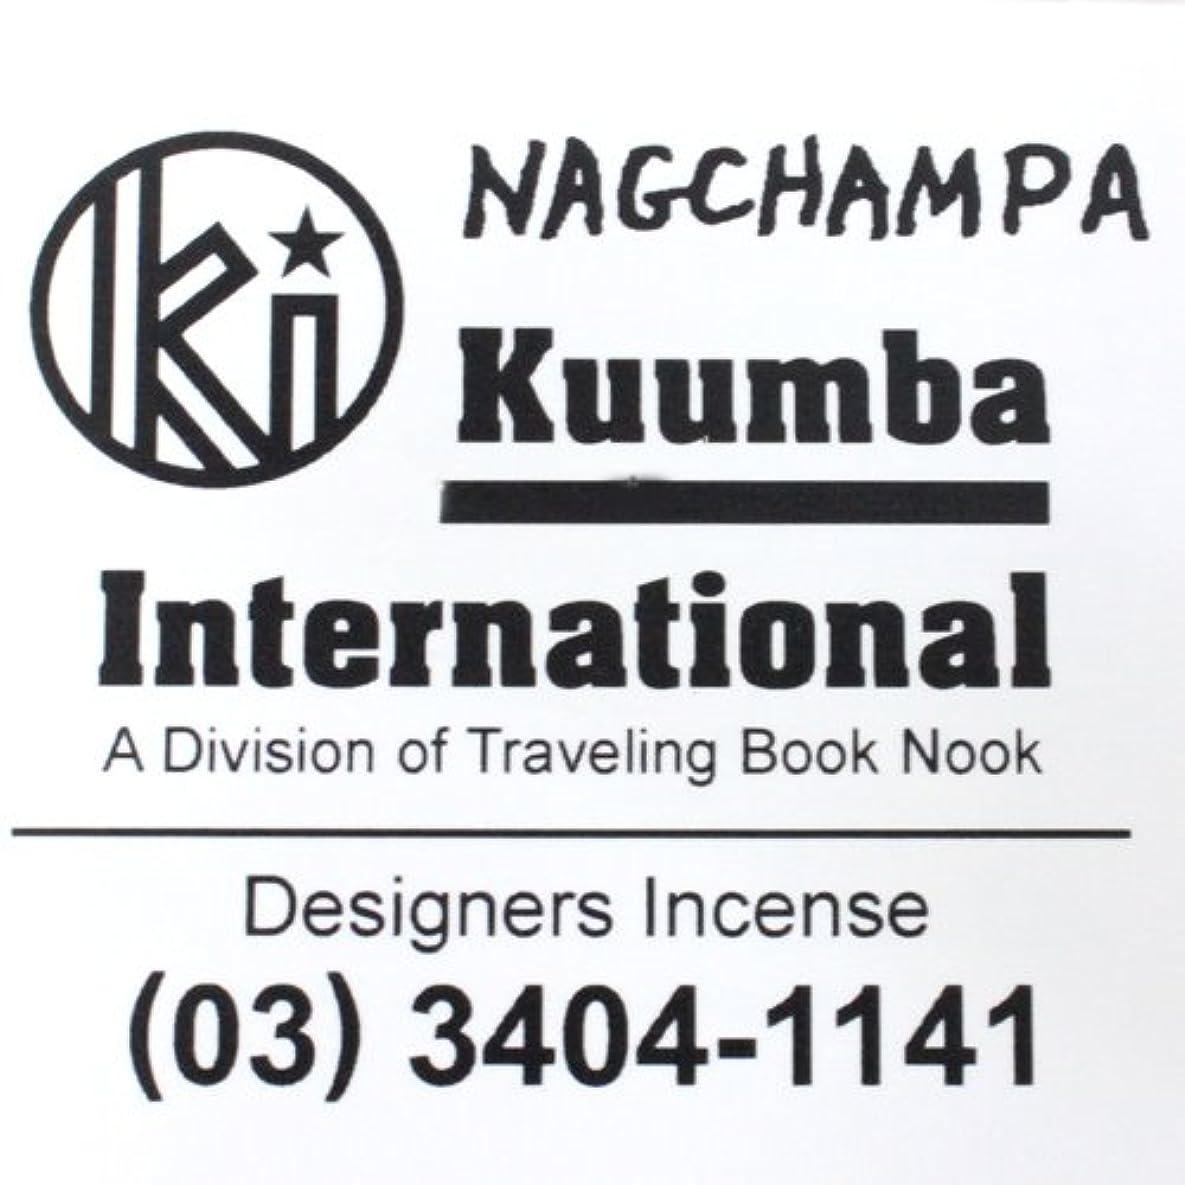 ギター発揮する壮大なKUUMBA (クンバ)『incense』(NAGCHAMPA) (Regular size)